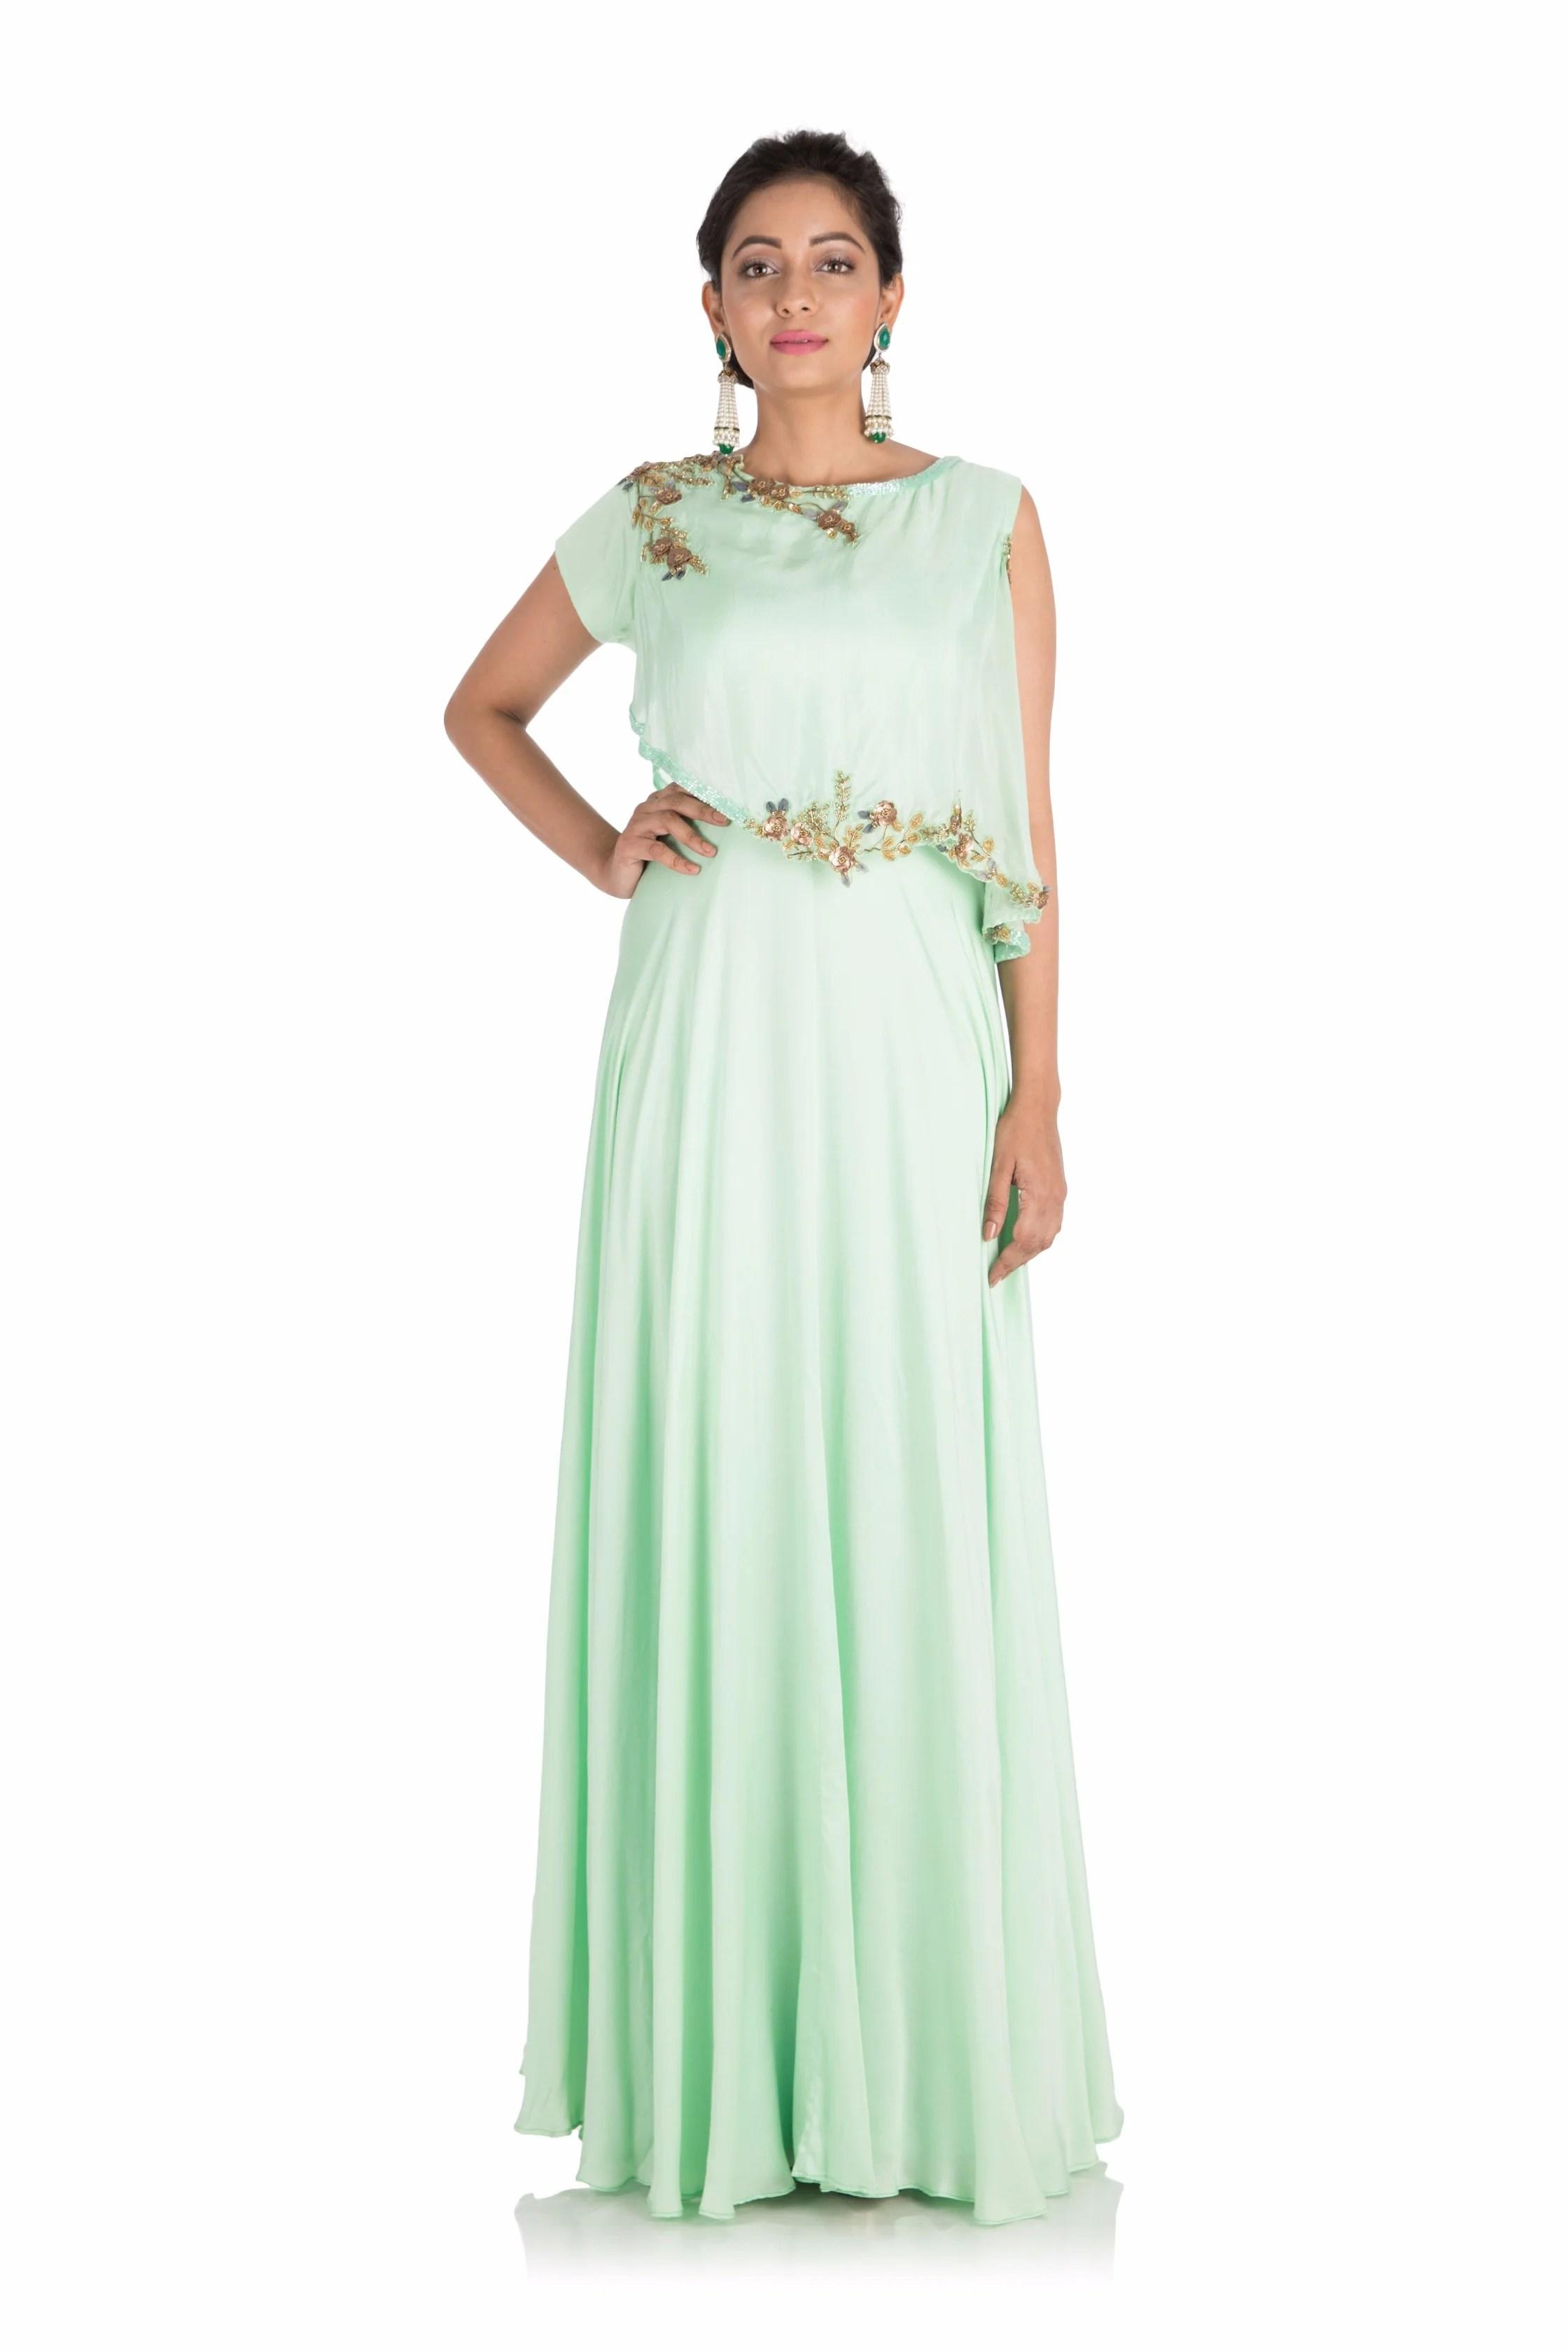 Fullsize Of Light Green Dress